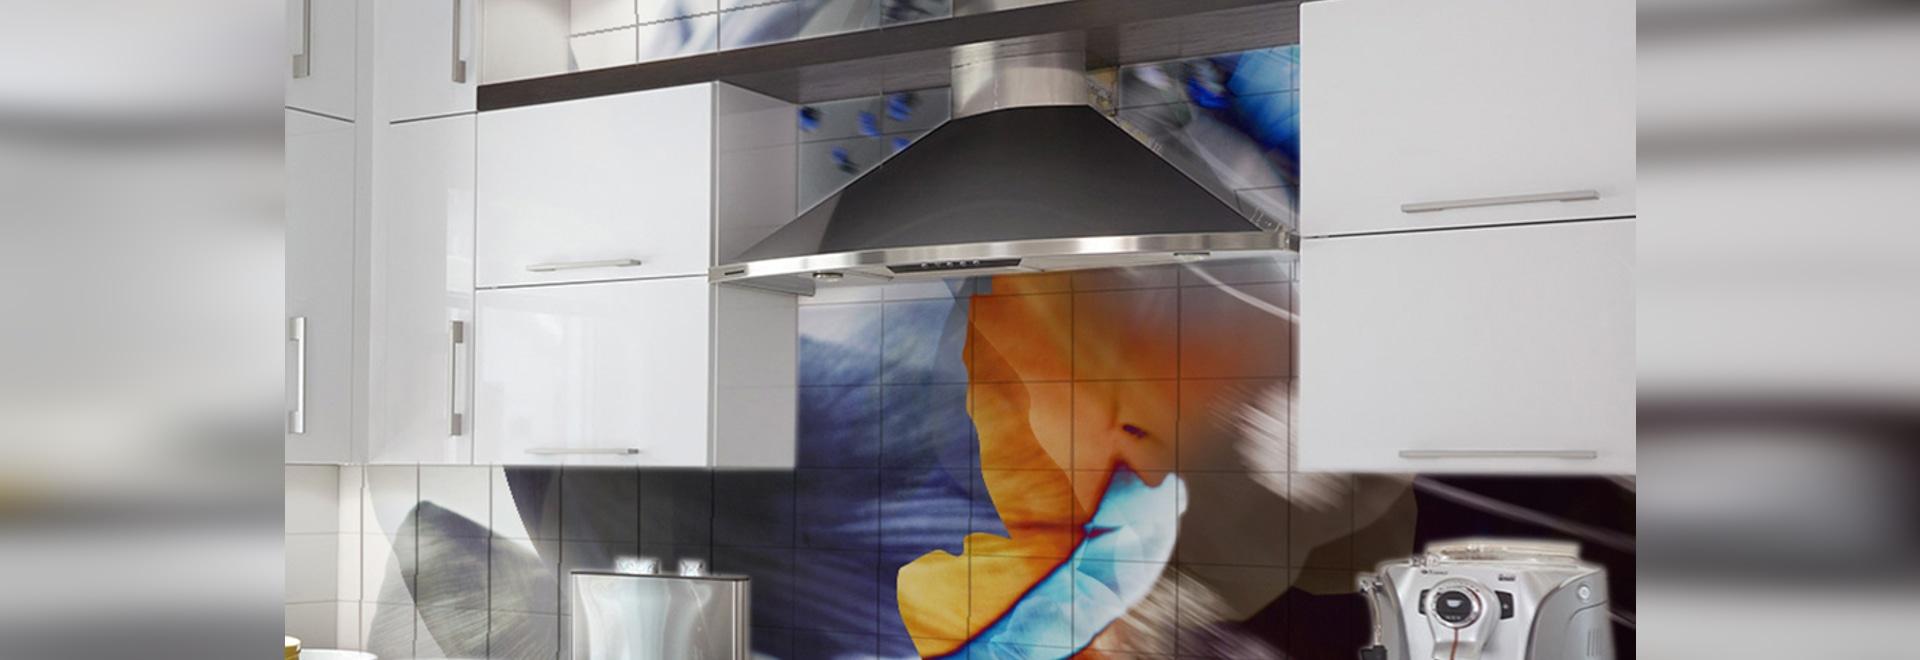 Küche in einem Privateigentum mit kundengebundener Wandfliese